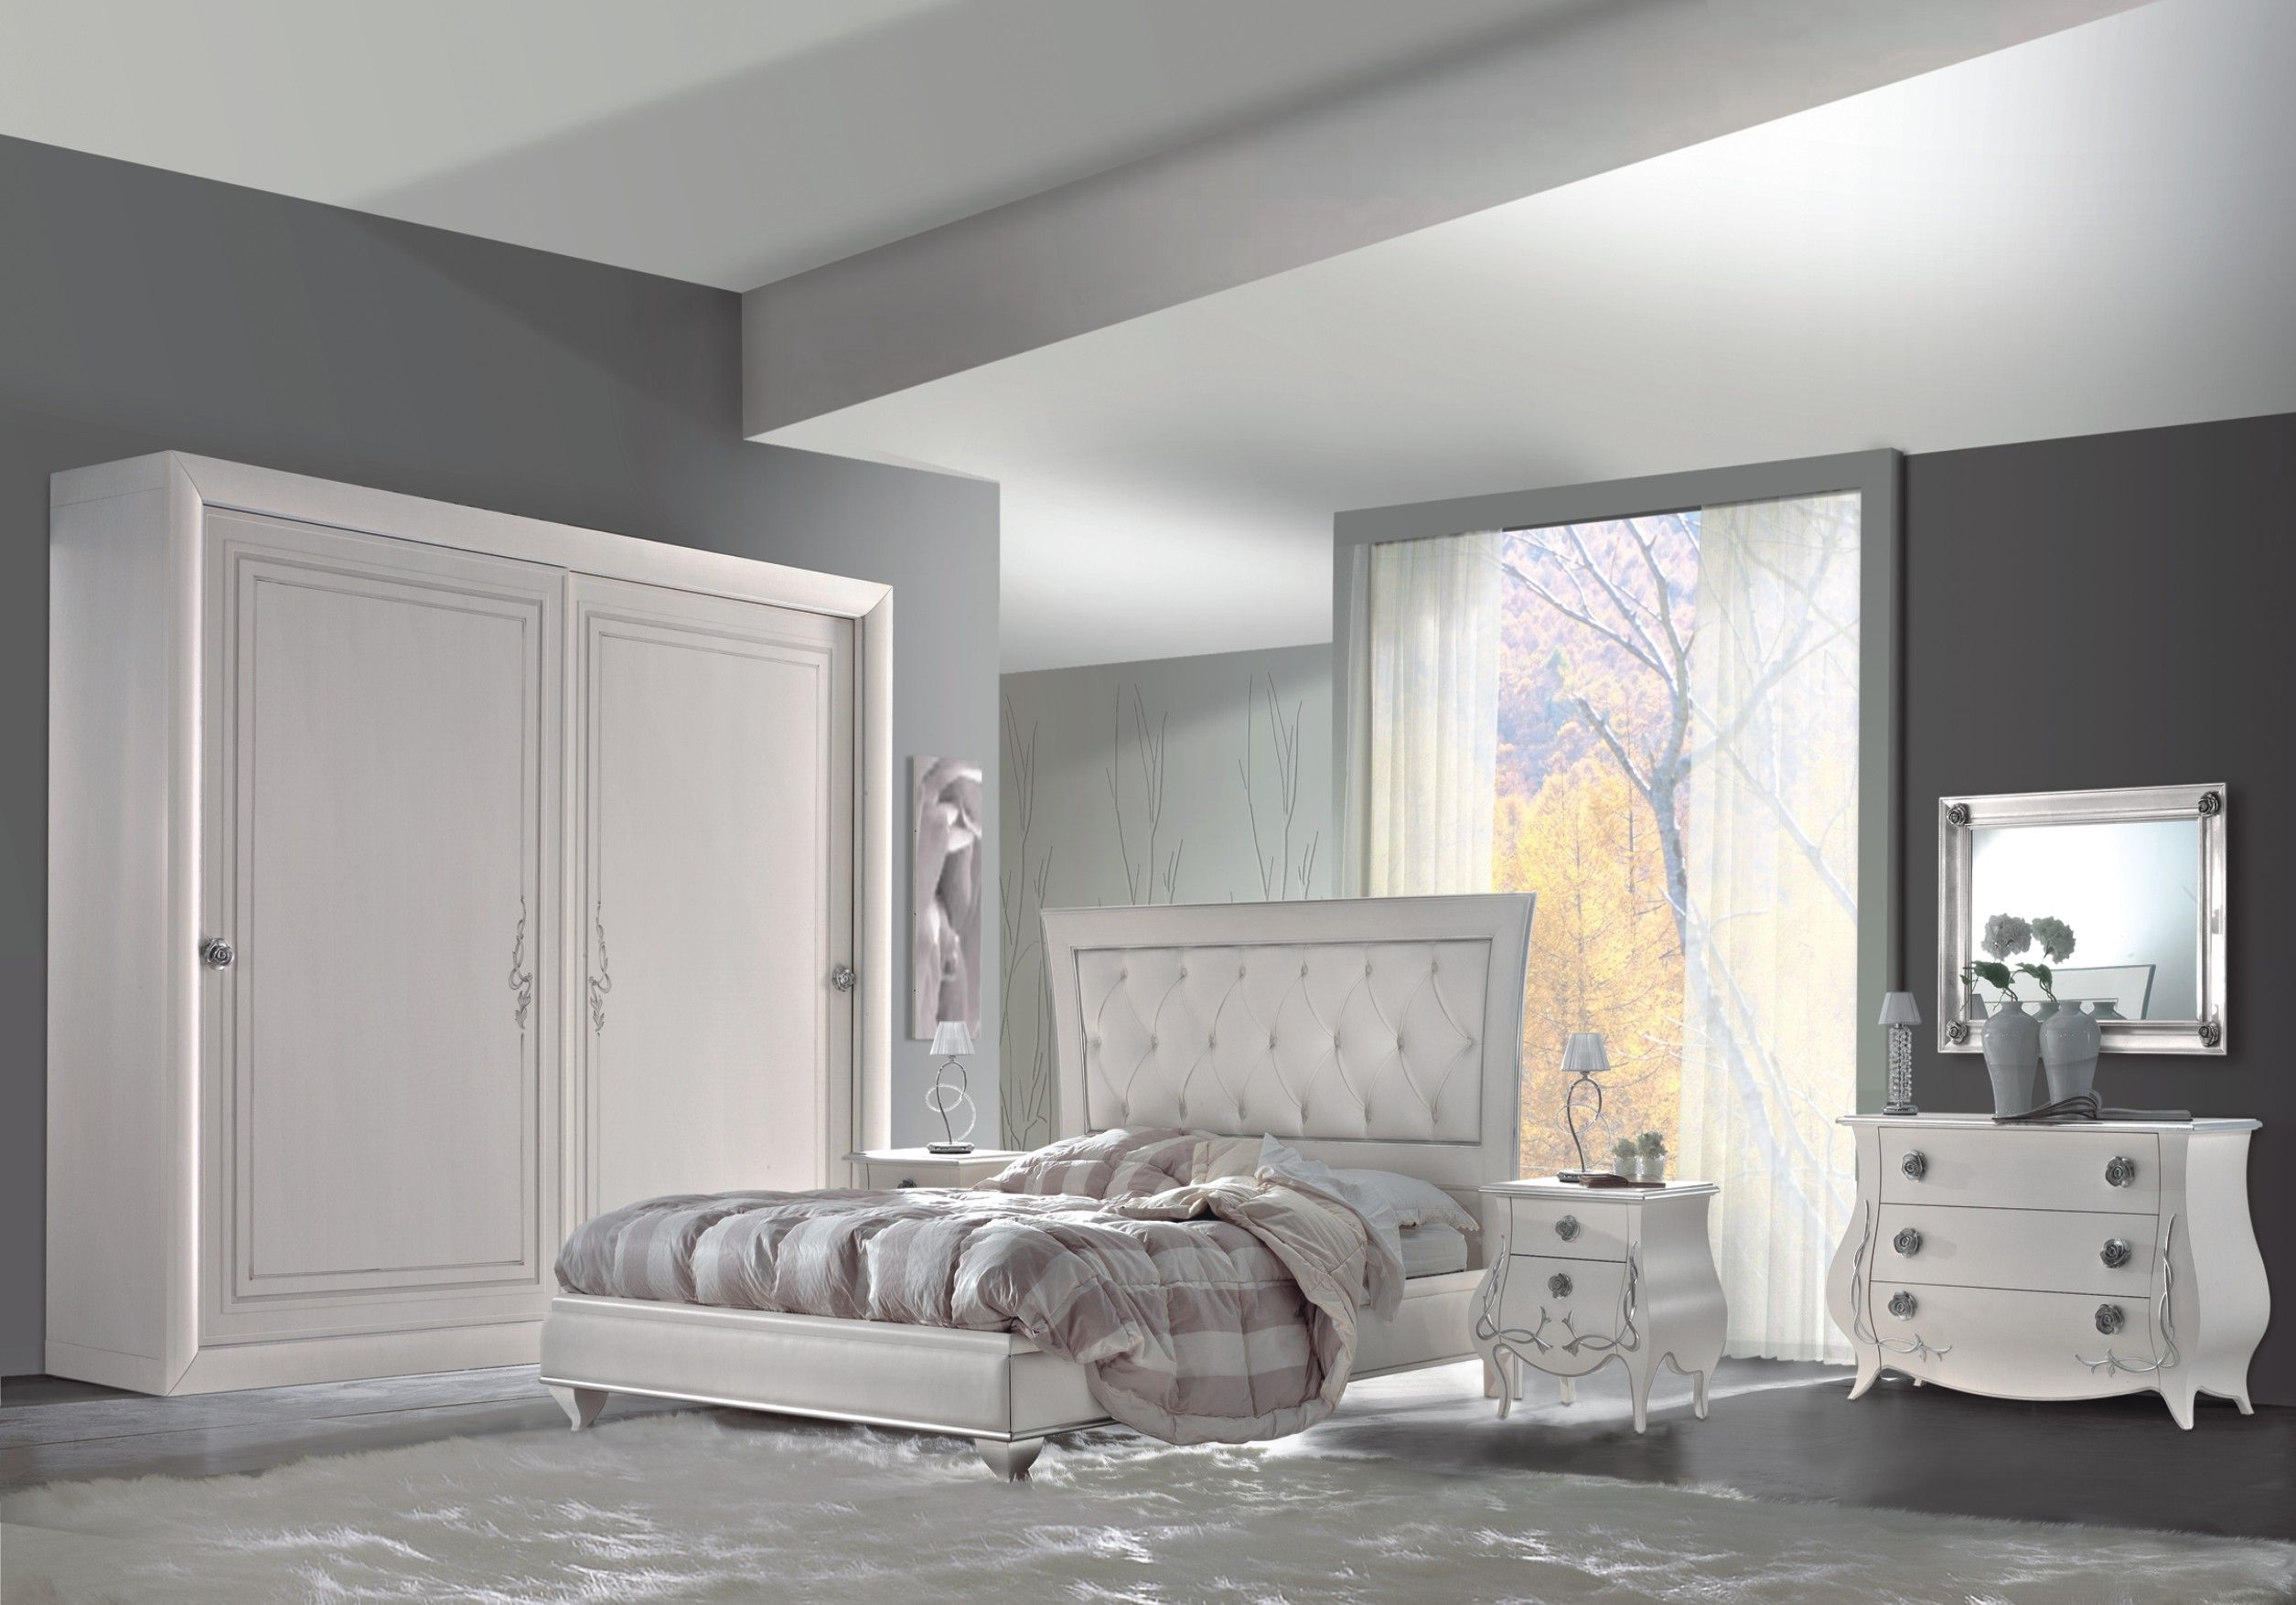 camera da letto bianco a pennello e foglia argento, linee bombate ...